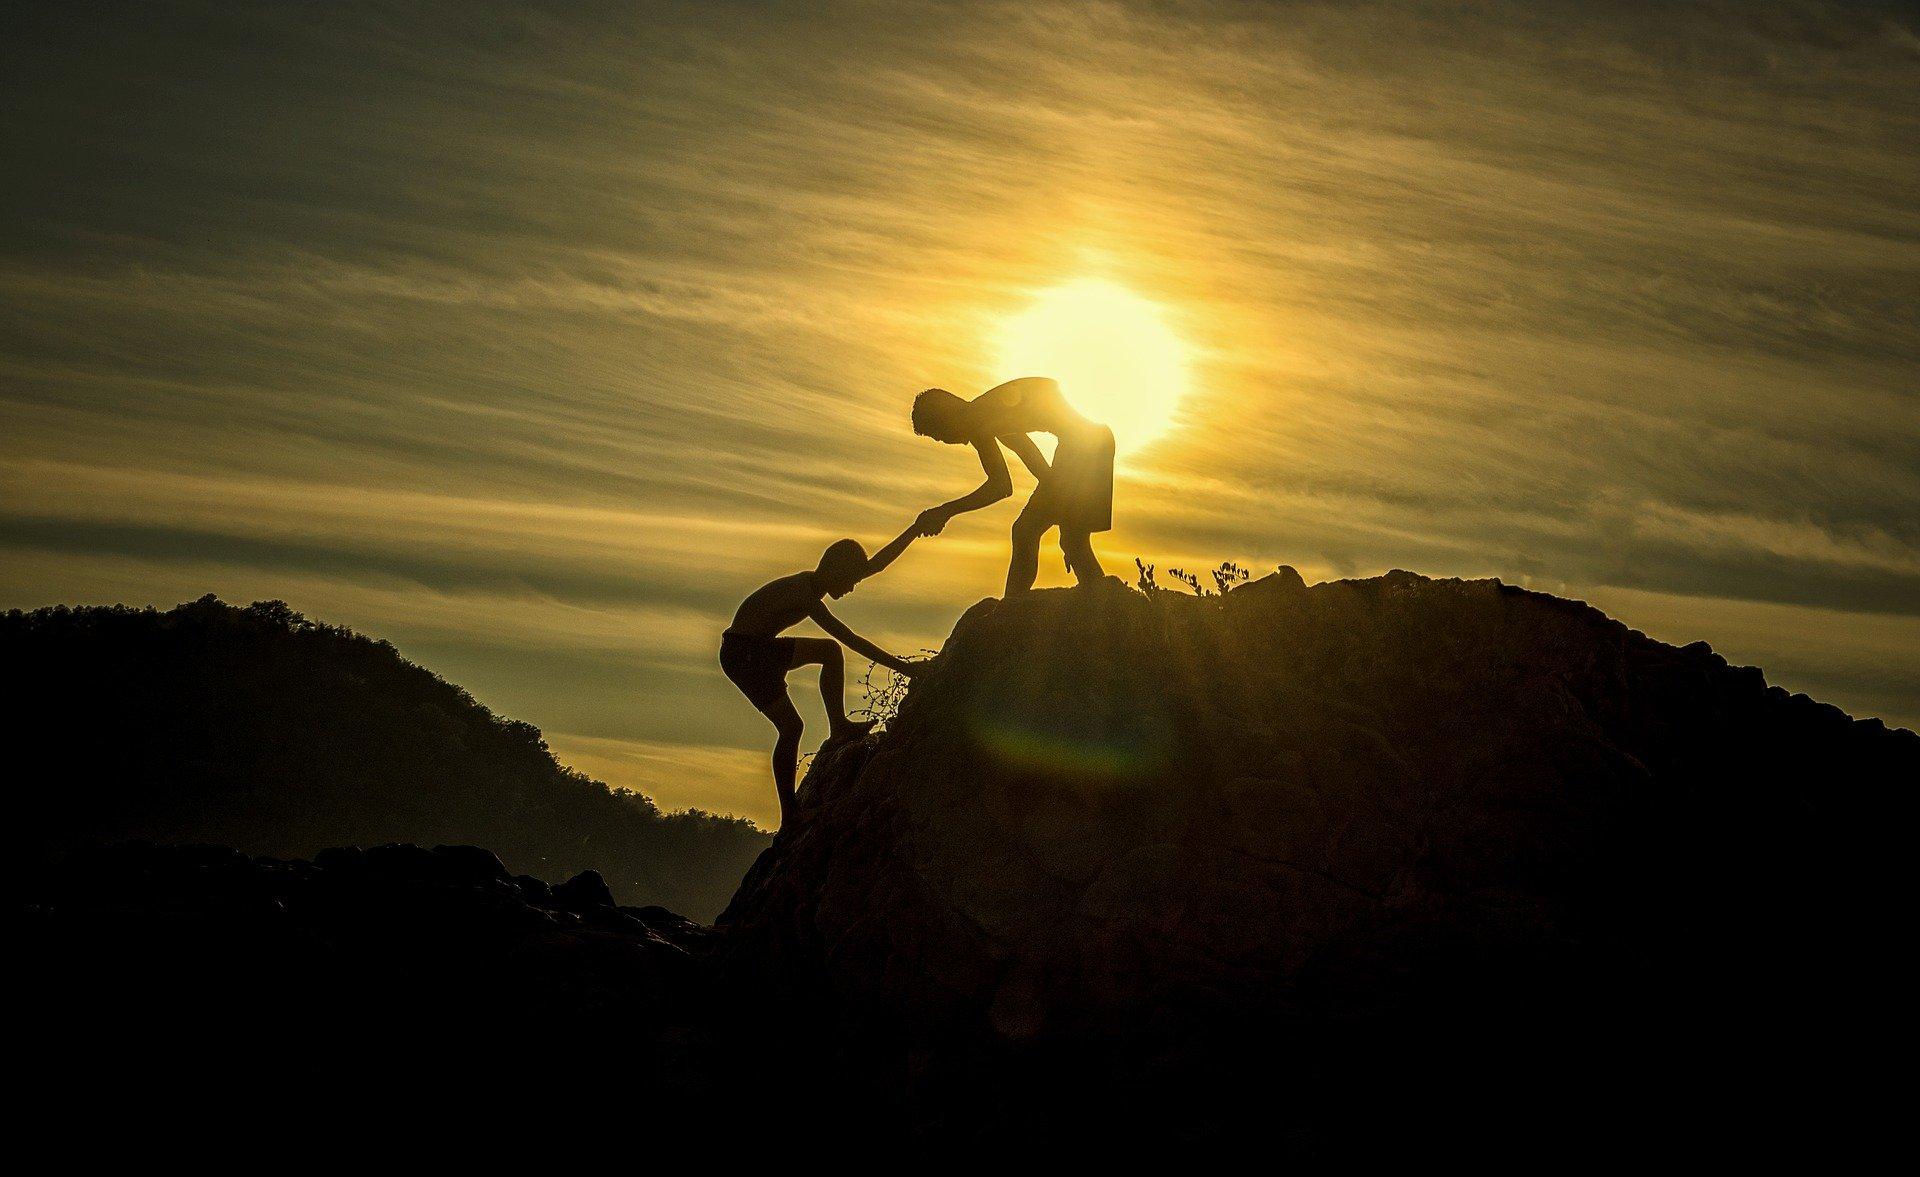 土木施工管理の転職をきっかけに人生が好転することがある